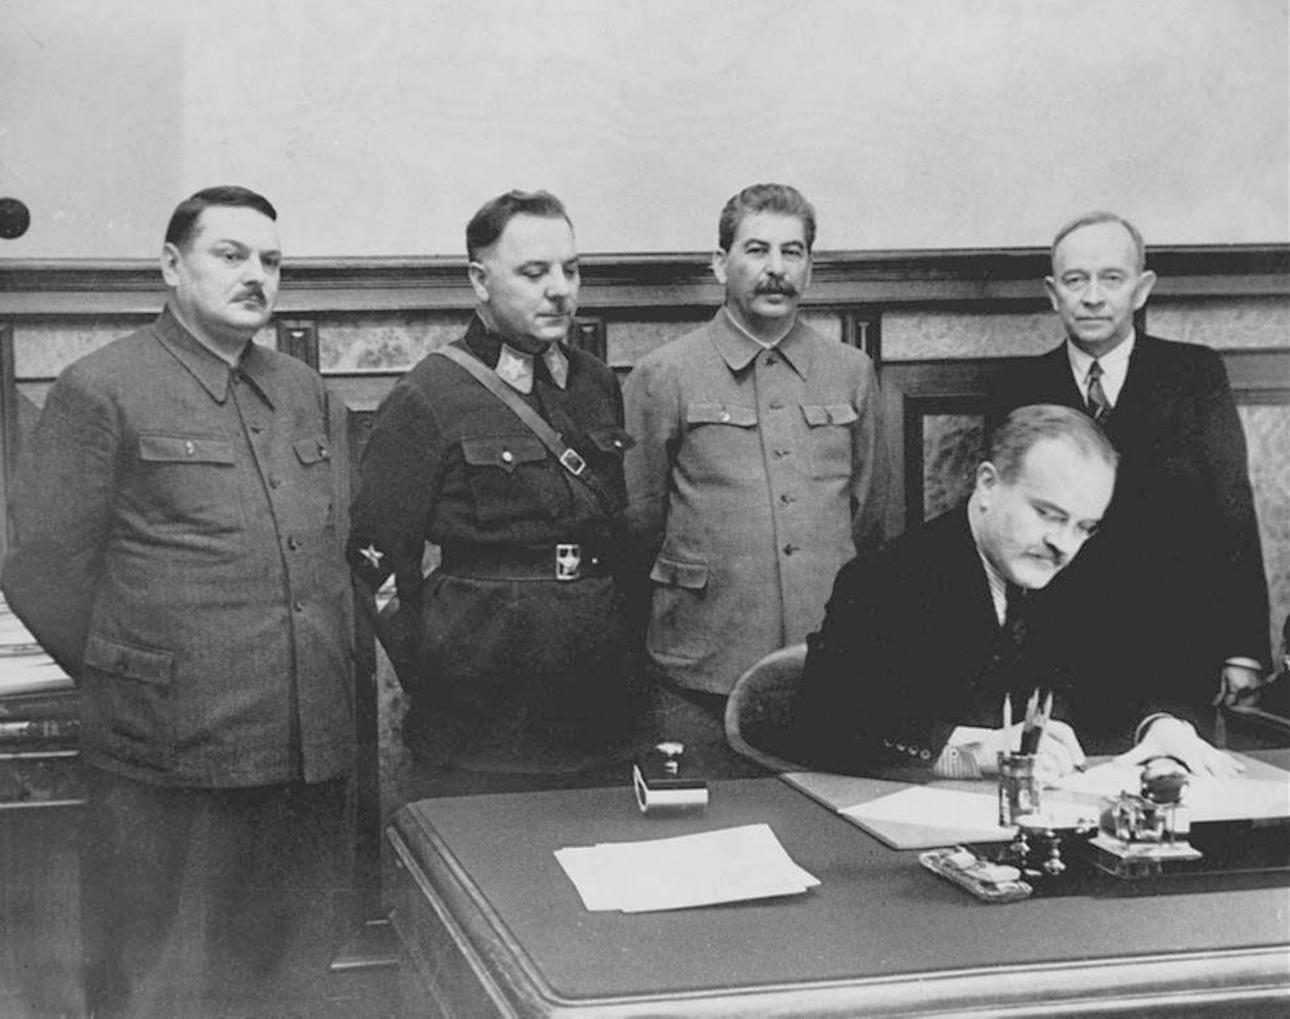 2 декабря 1939 года. Вячеслав Молотов подписывает договор о взаимопомощи и дружбе с правительством Куусинена